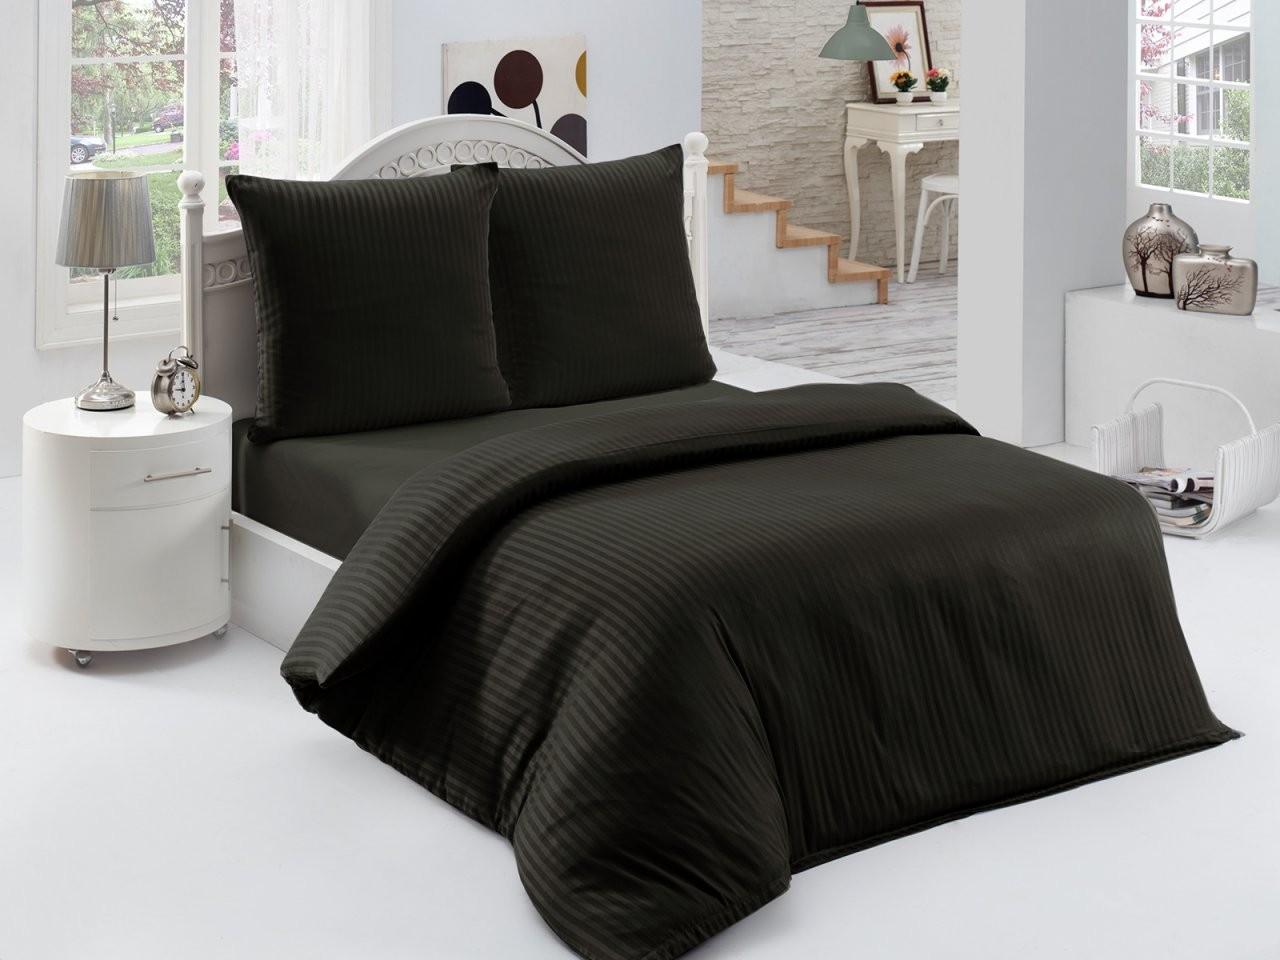 3 Tlg Makosatin Damast Bettwäsche Bettgarnitur 200X200 Cm Stripe von Bettwäsche 200X200 Schwarz Weiß Photo